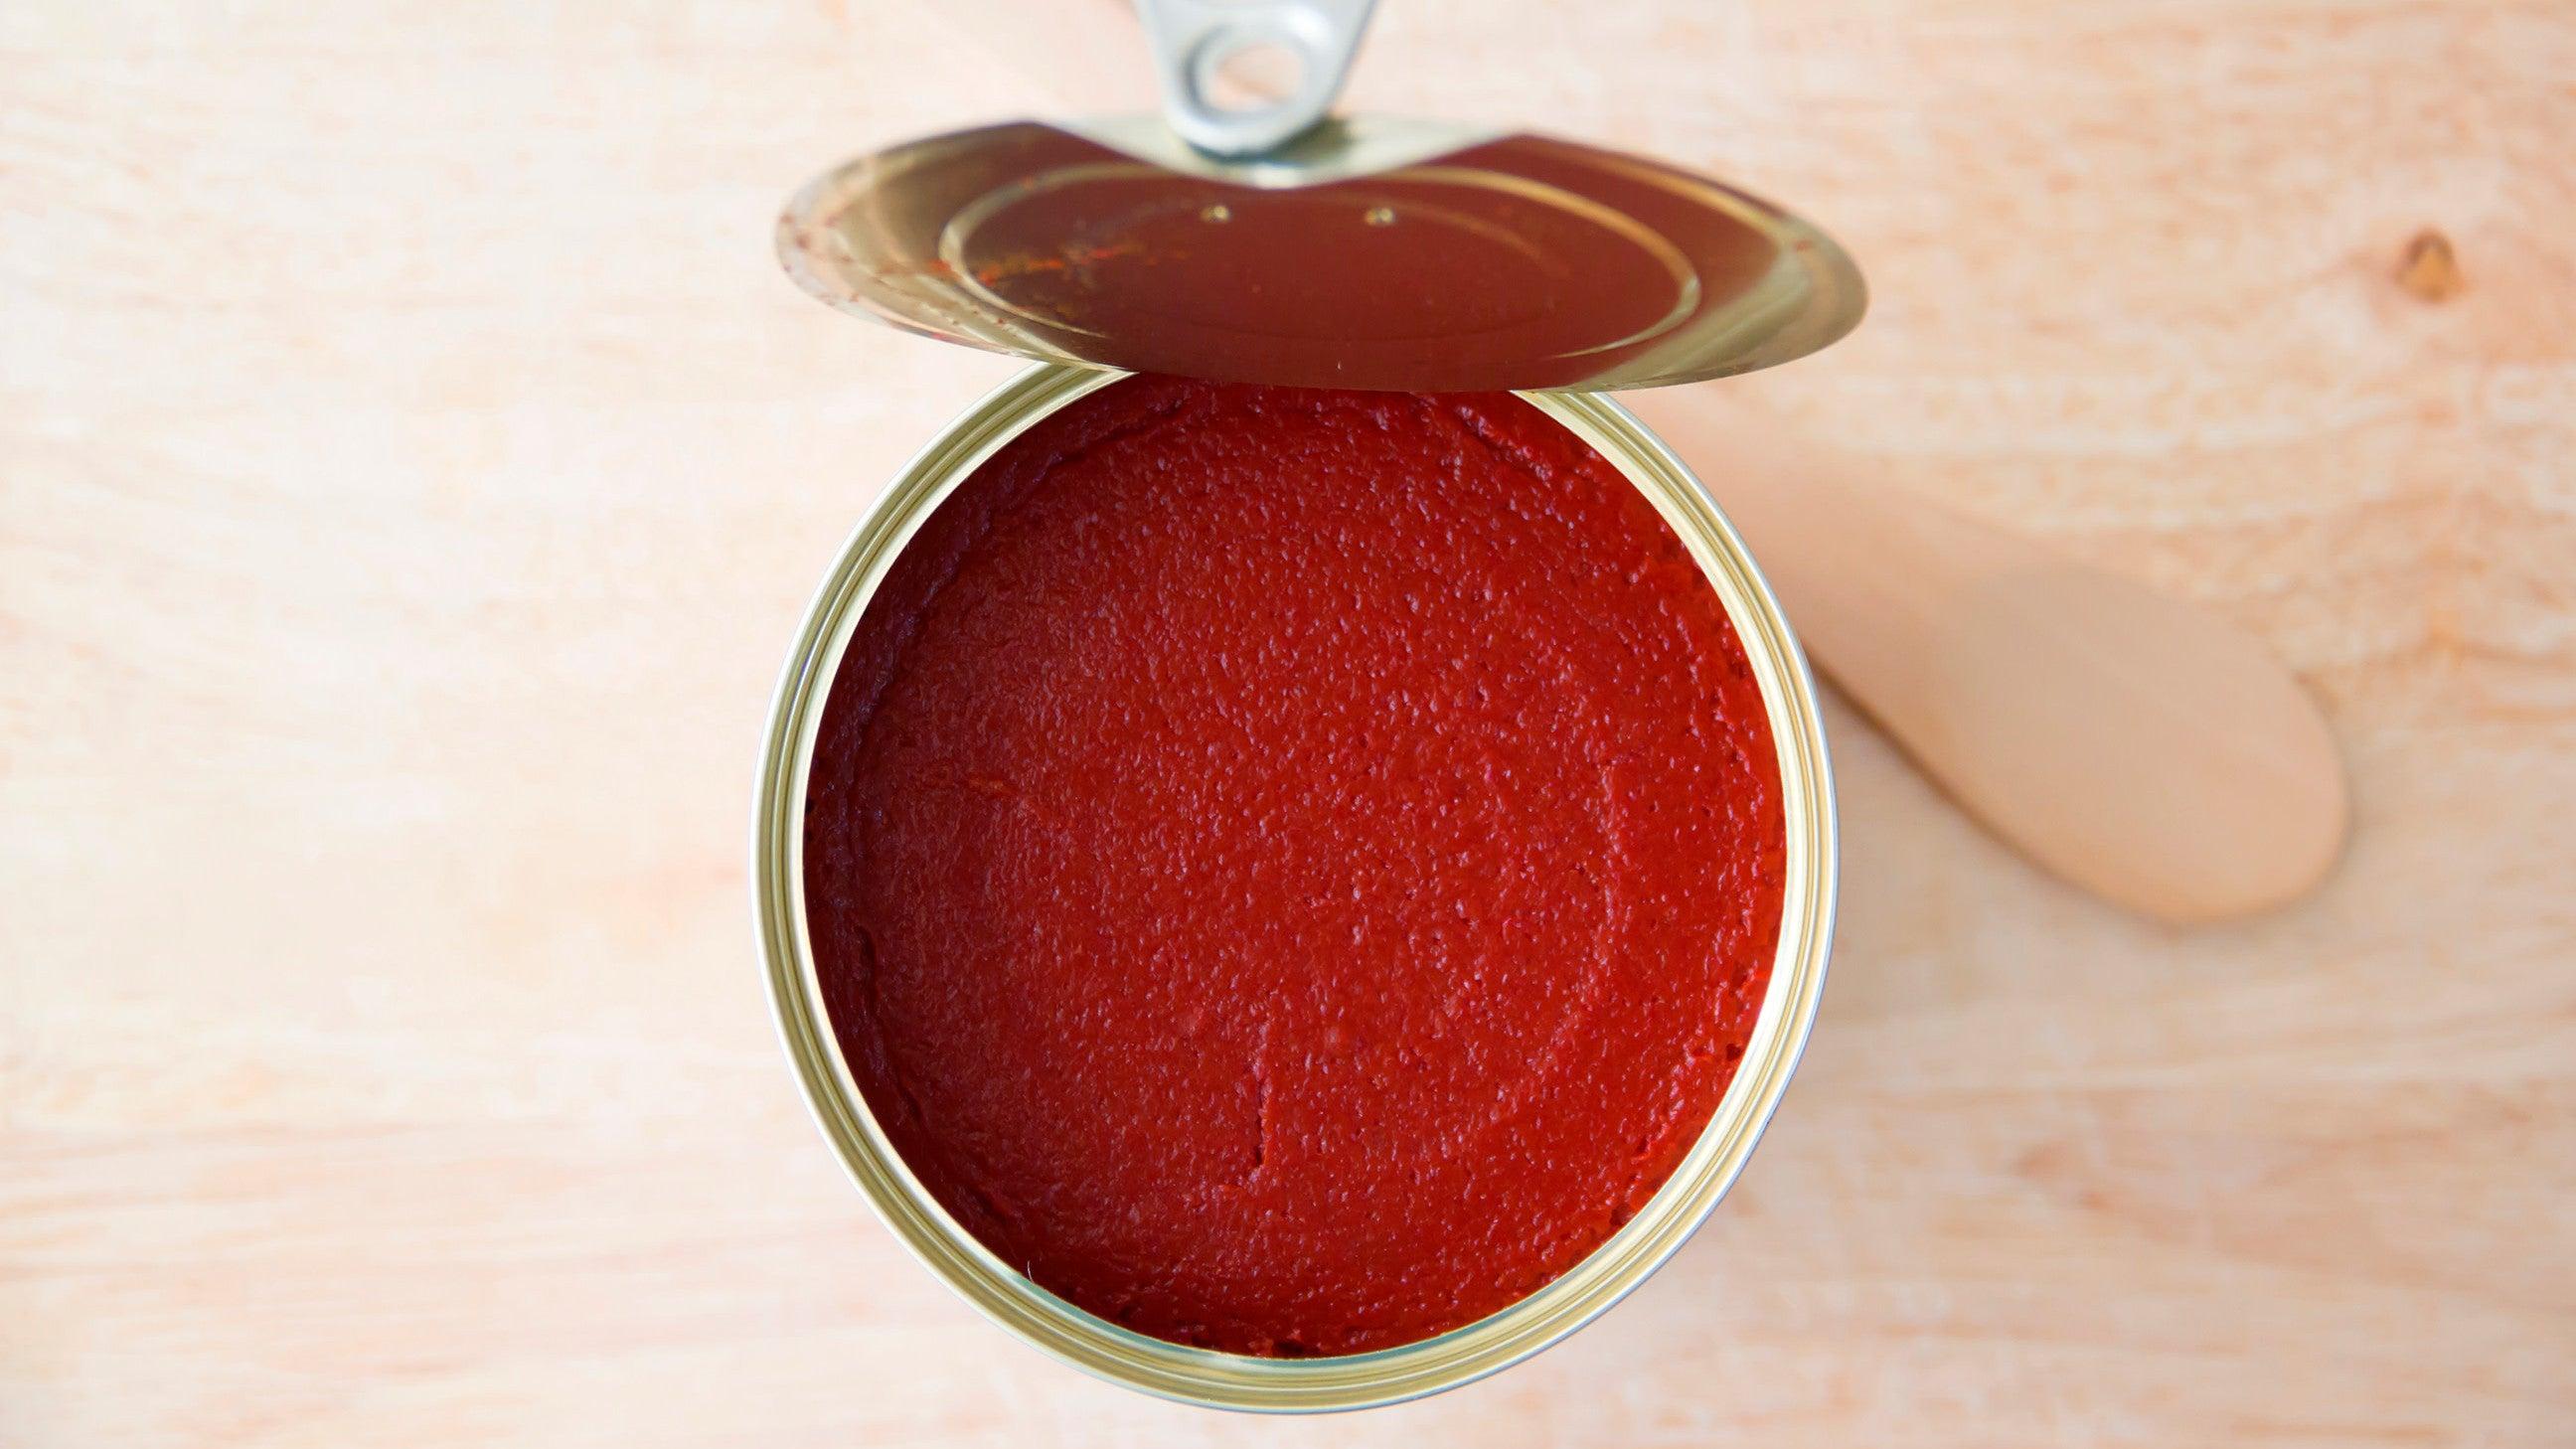 Store Tomato Paste The Alton Brown Way